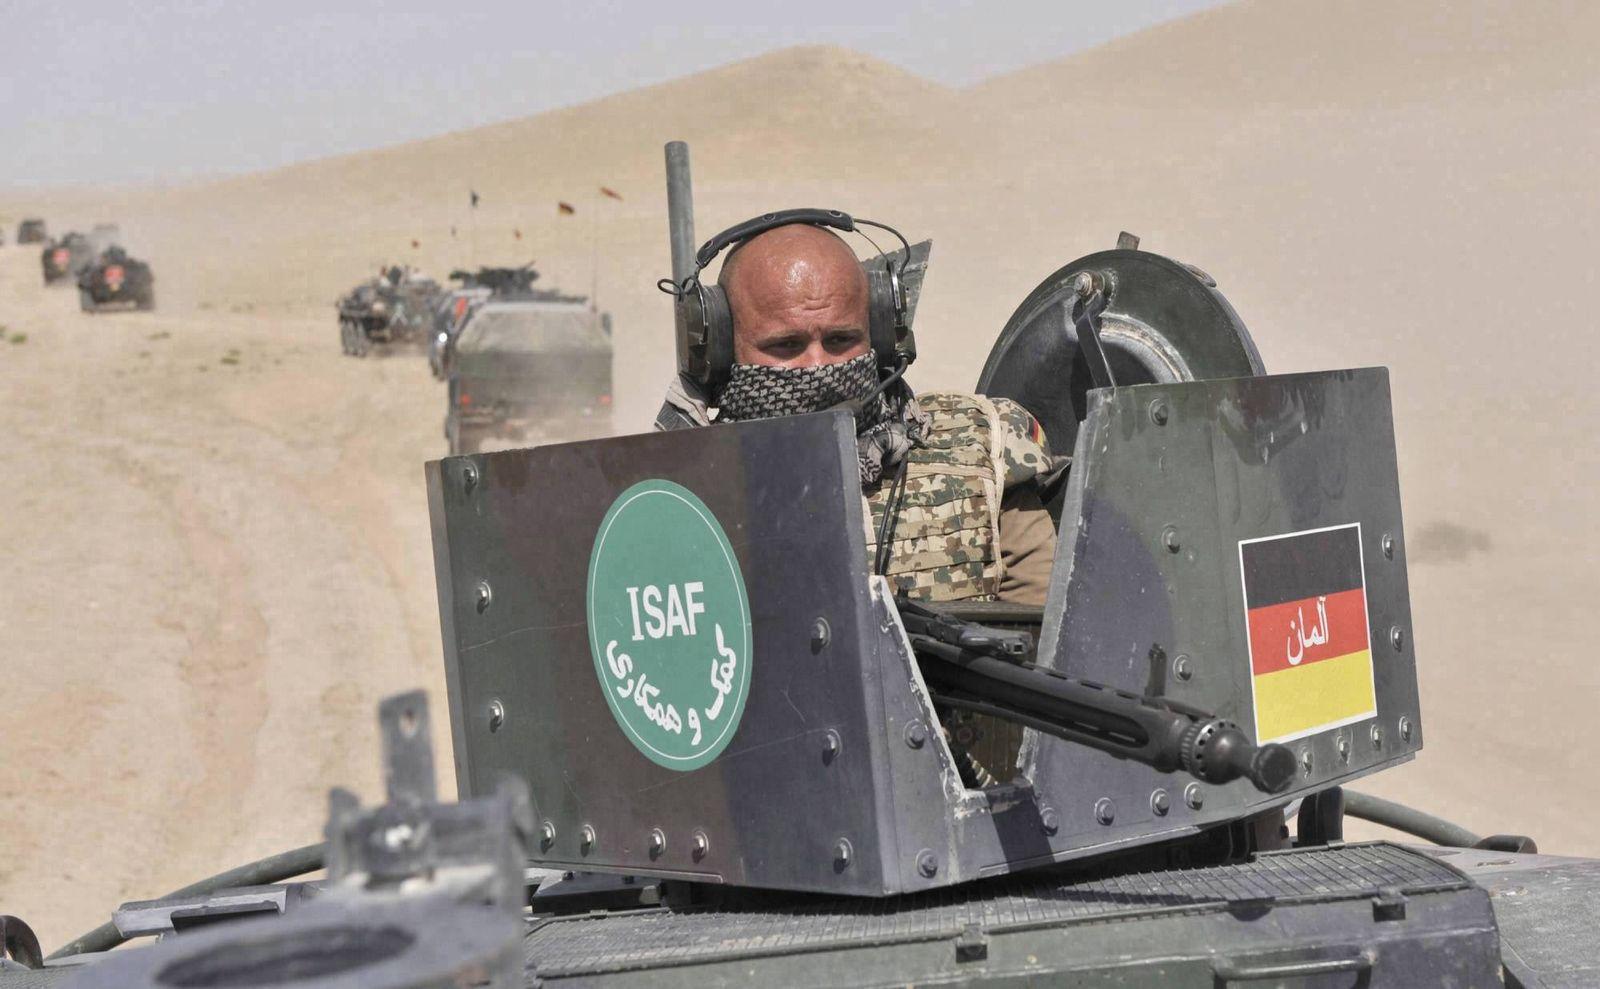 NICHT VERWENDEN Bundeswehr in Afghanistan